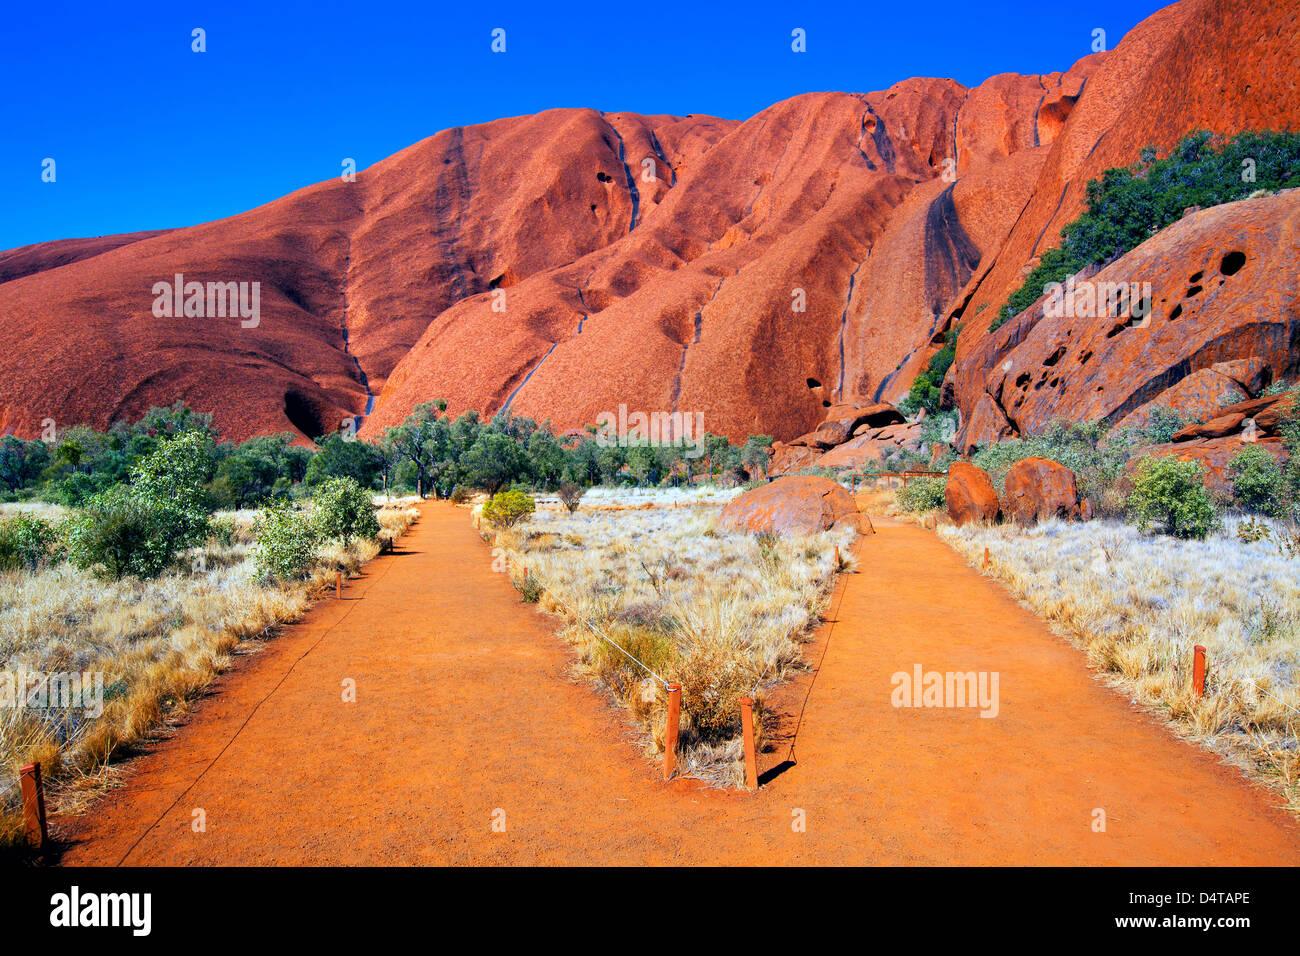 Landschaft Australien